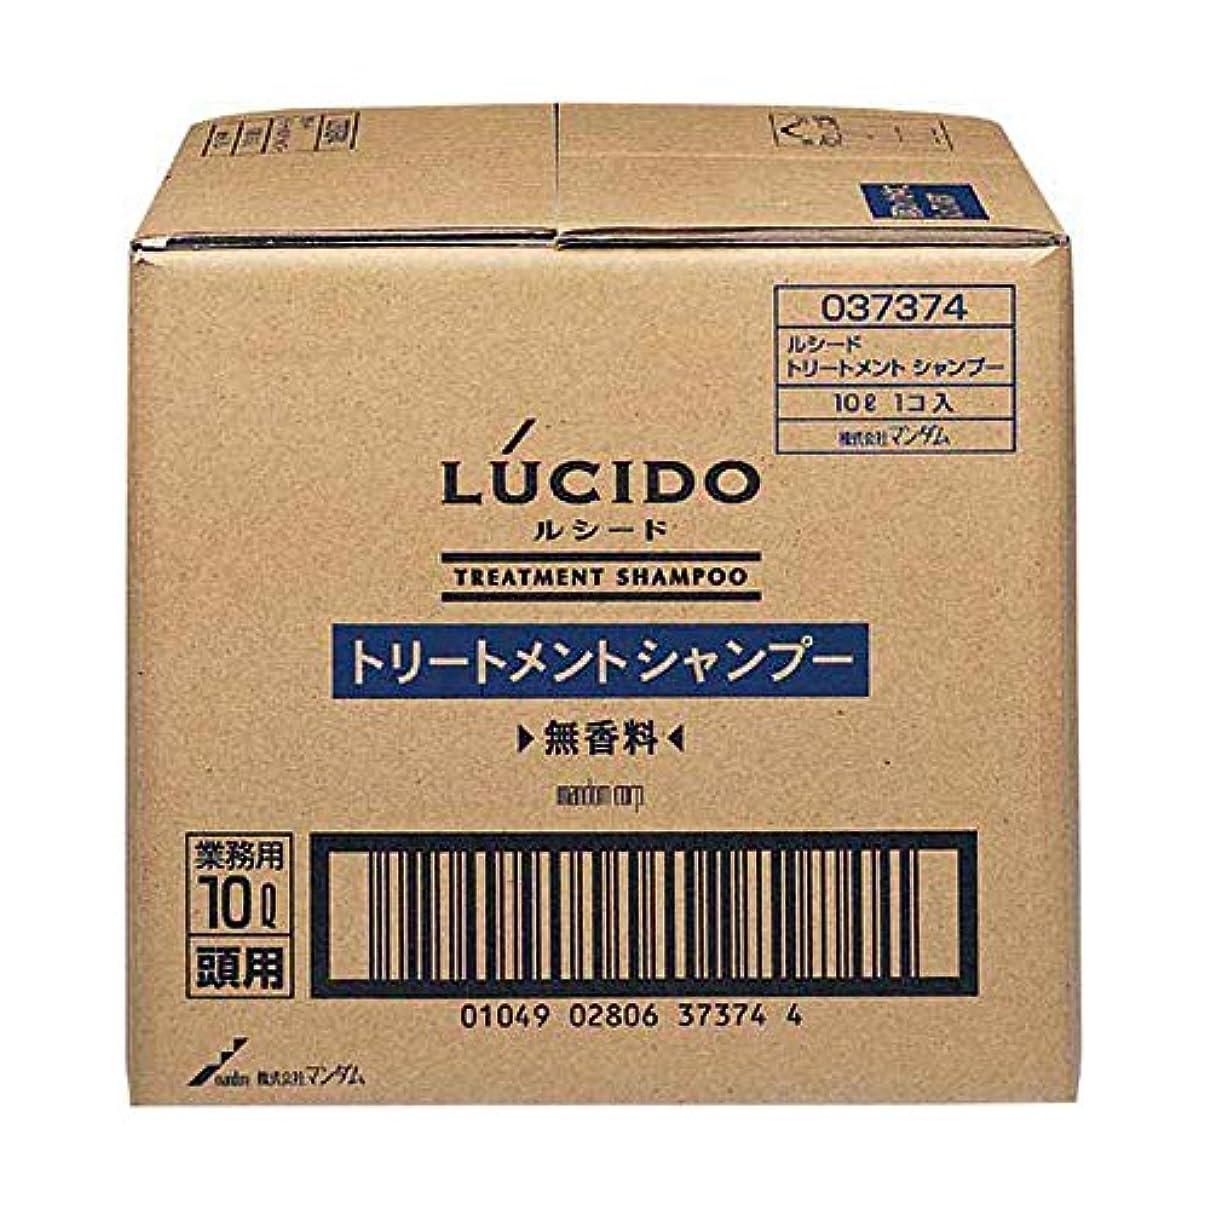 デクリメントオーク突き刺すLUCIDO (ルシード) トリートメントシャンプー 業務用 10L